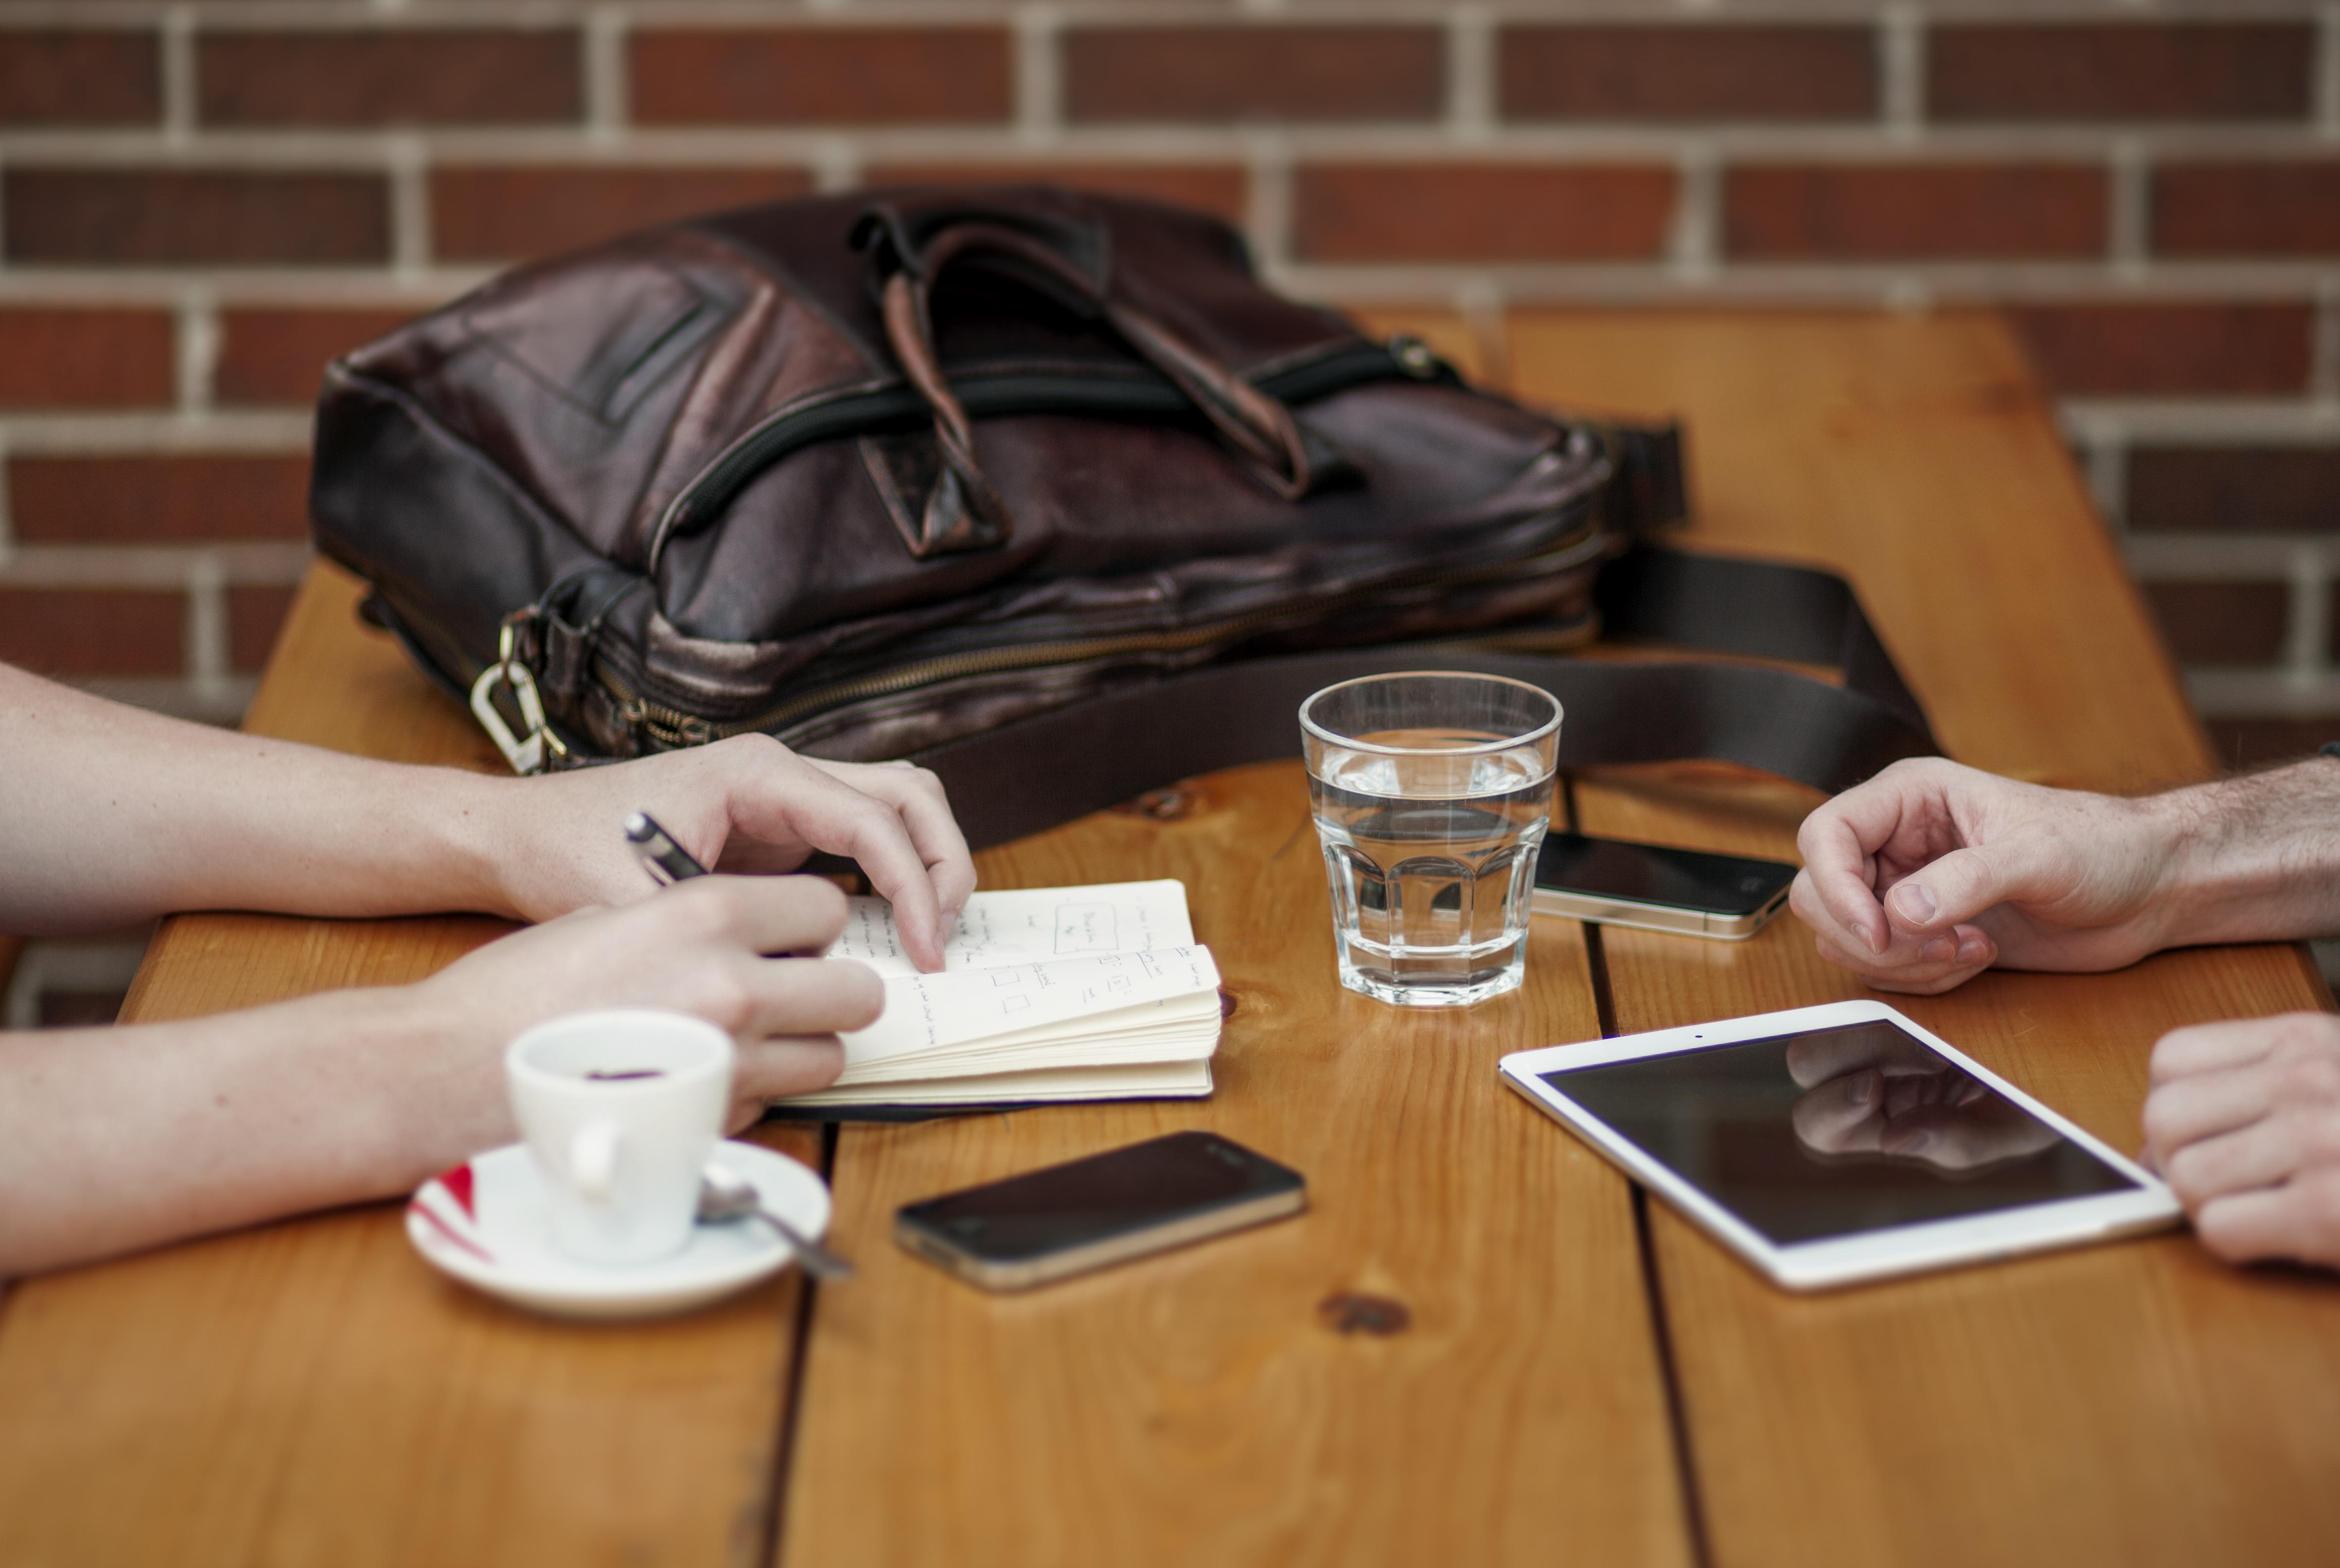 Citaten Over De Zomer : Hoe citeer je iemand op een aantrekkelijke manier in je artikel?